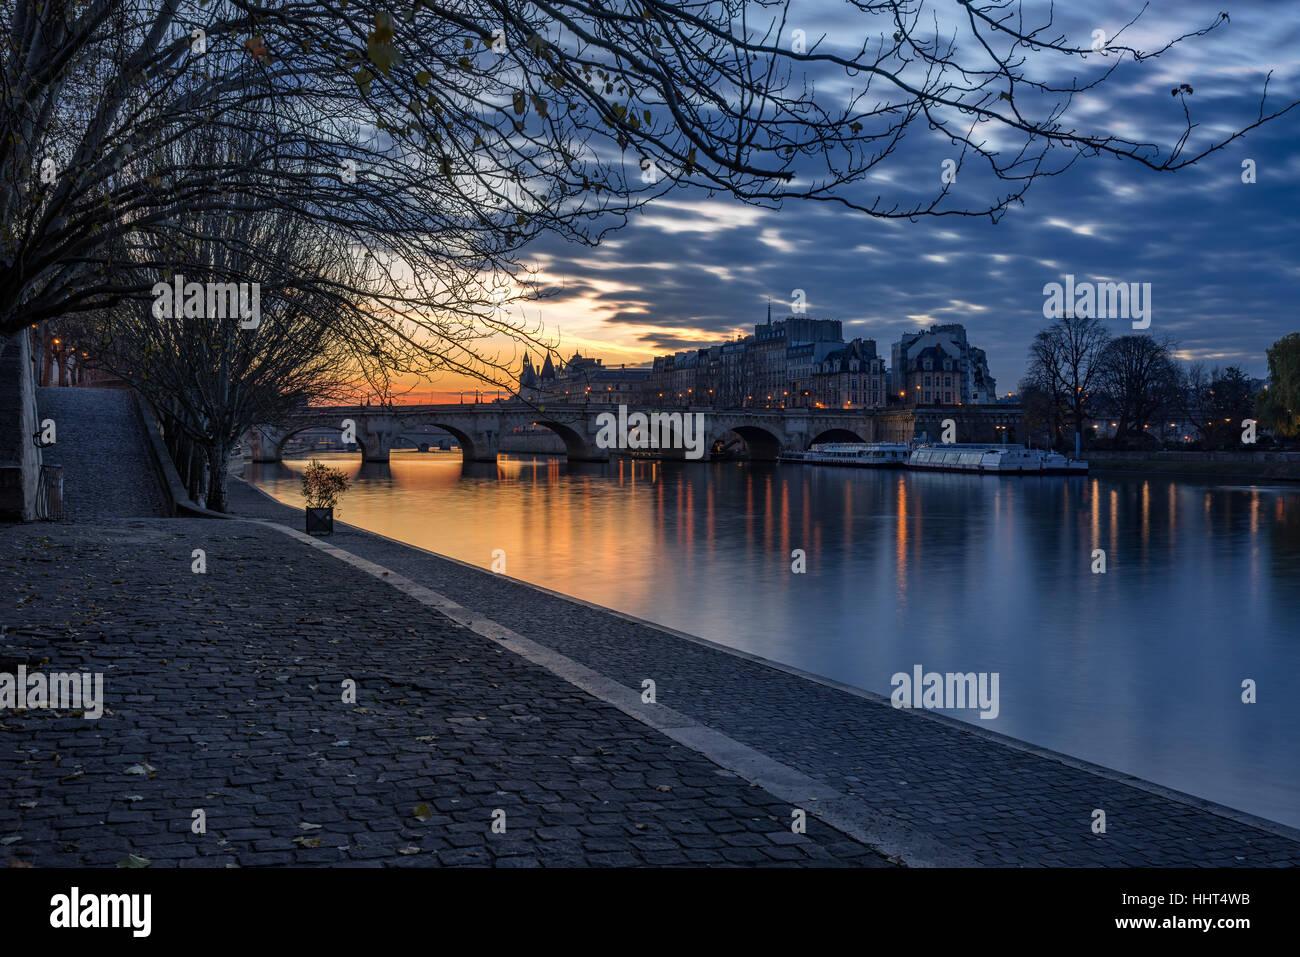 Sunrise on the Seine River banks (Quai des Tuilleries) and Ile de la Cite. 1st Arrondissement, Paris, France - Stock Image